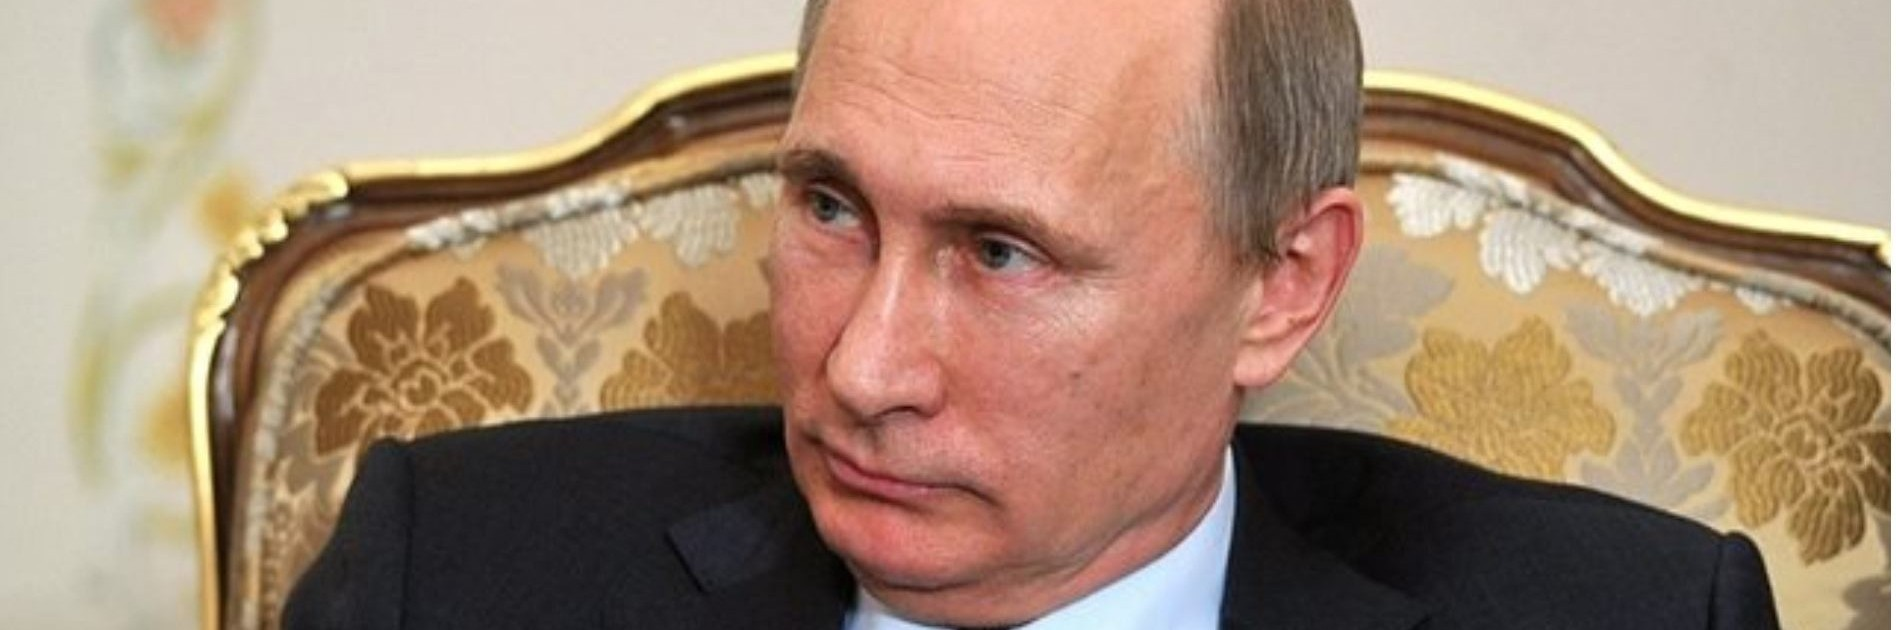 TRADICIONALNA LISTA 100 NAJUTJECAJNIJIH LJUDI Vladimir Putin osoba godine po odabiru čitatelja Timea